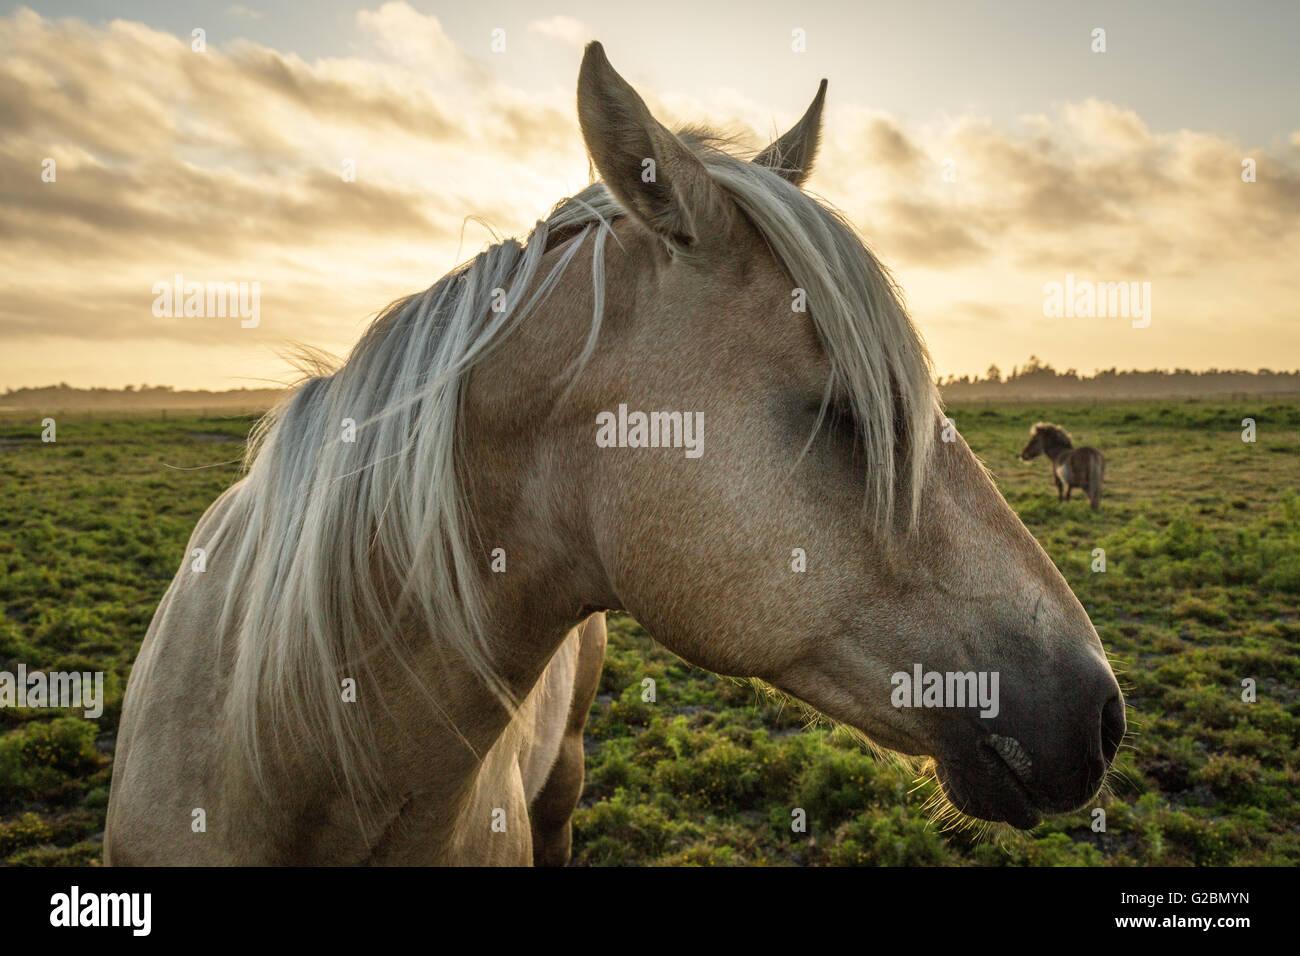 Profil d'un cheval, close-up, avec un mini-cheval dans l'arrière-plan. Photo Stock